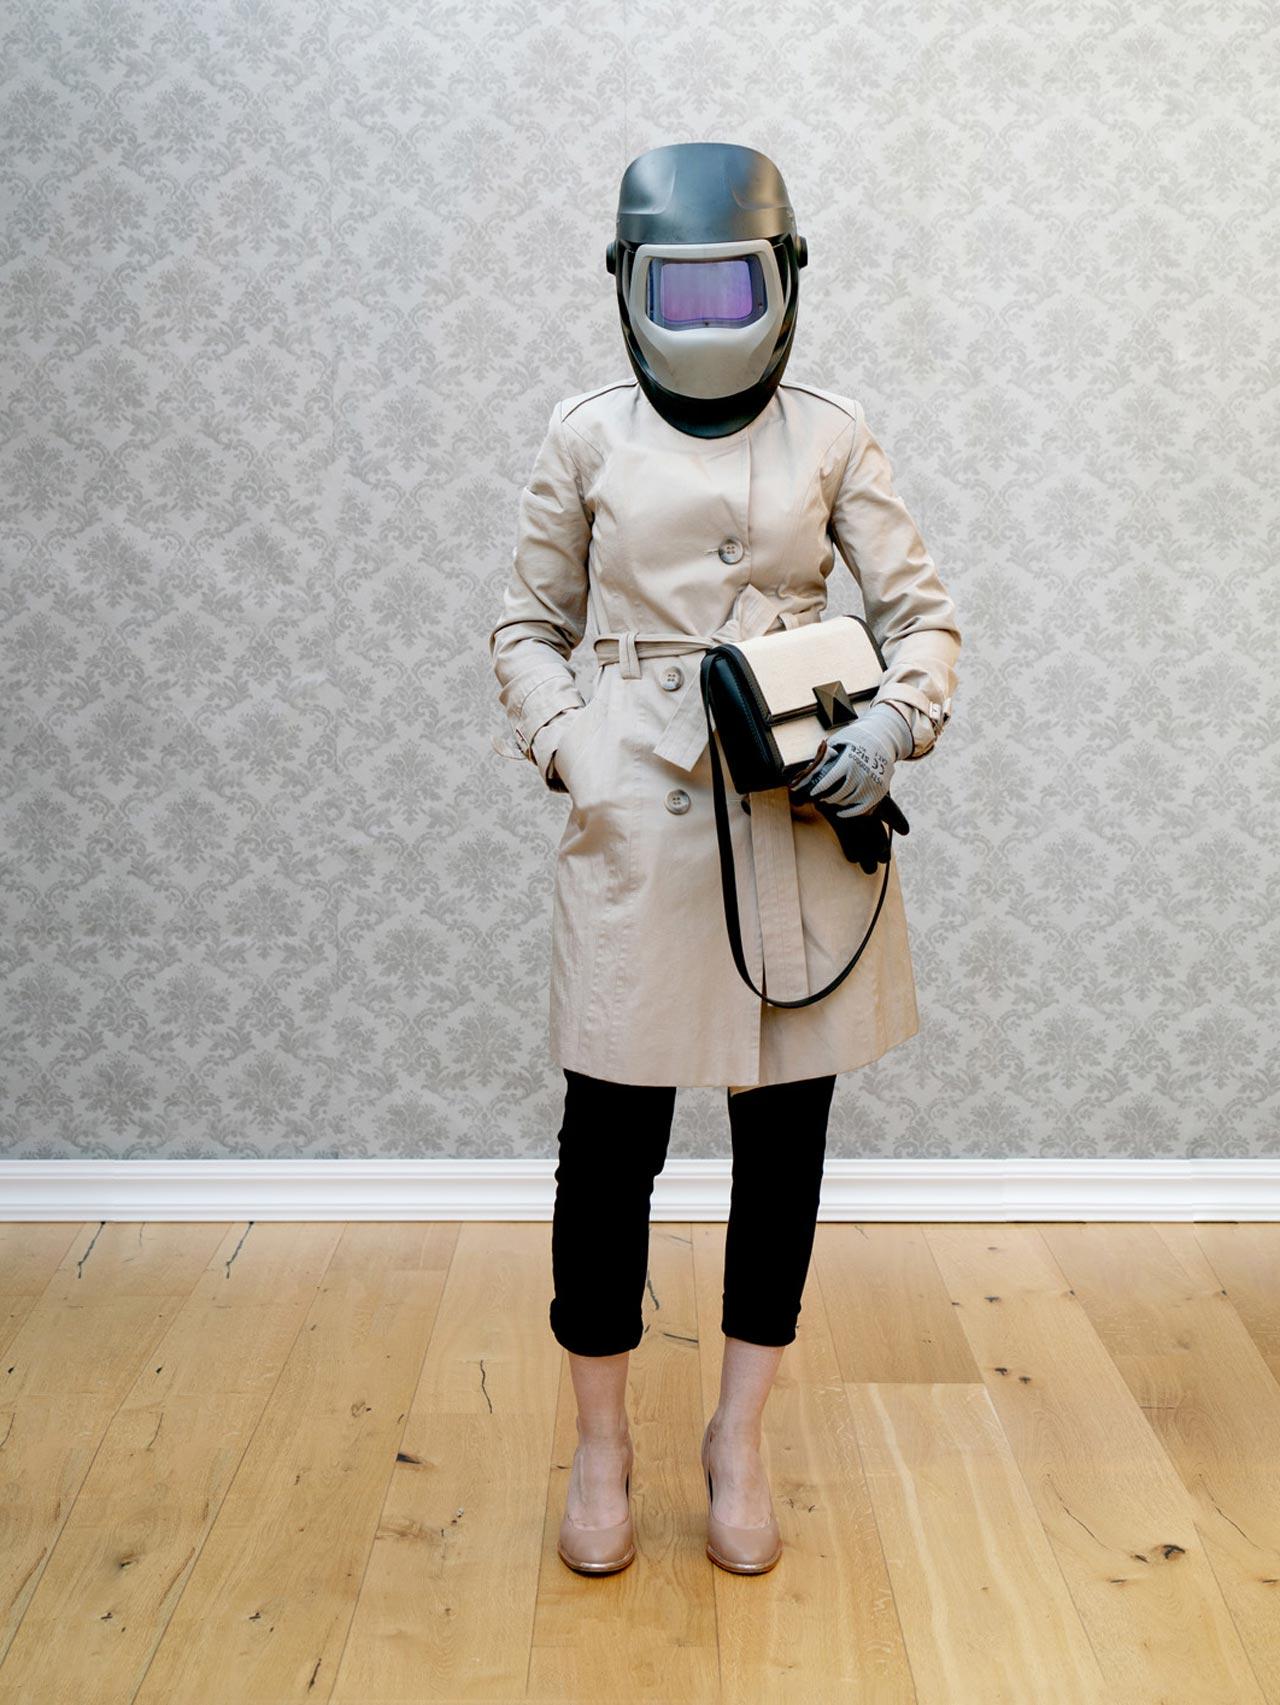 Proszę Państwa. Kolejne kroki w walce z koronawirusem. <br> Wprowadzamy obowiązek noszenia maseczek ... <br> Czy aby na pewno to pomoże? <br> Zdjęcie wyróżnione  w konkursie fotograficznym Razem 2020.